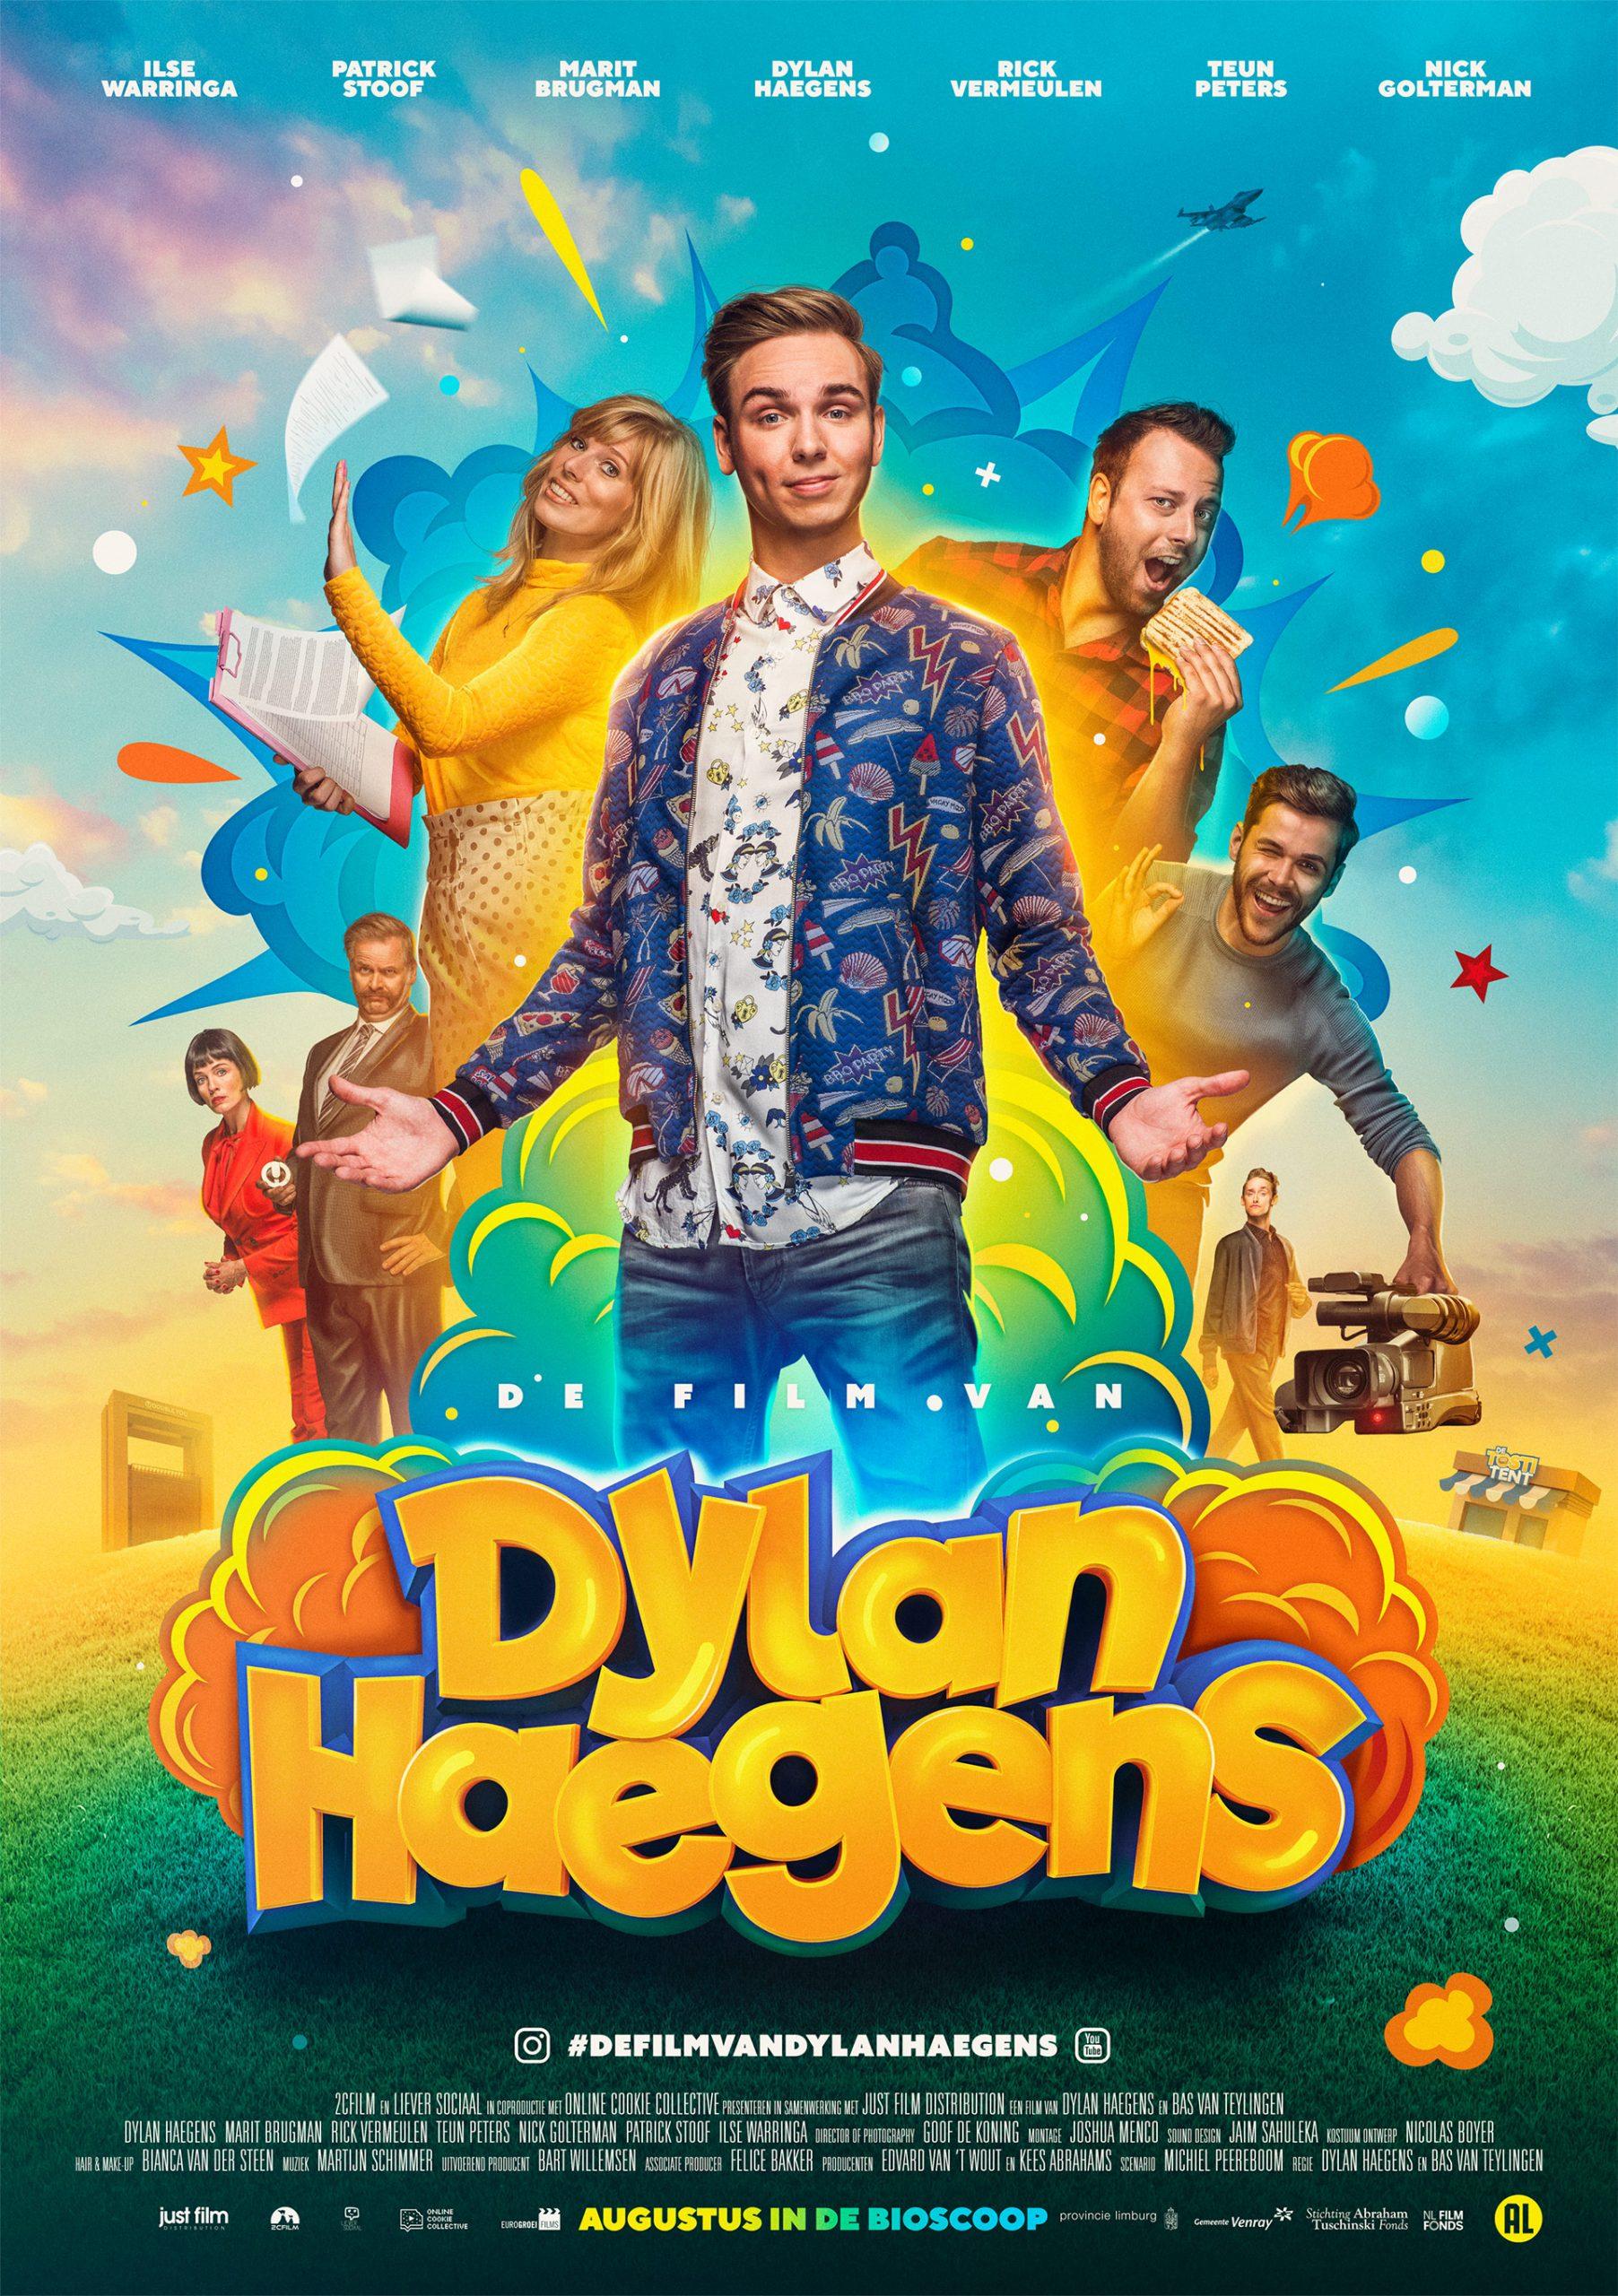 ROSH Studios De Film van Dylan Haegens